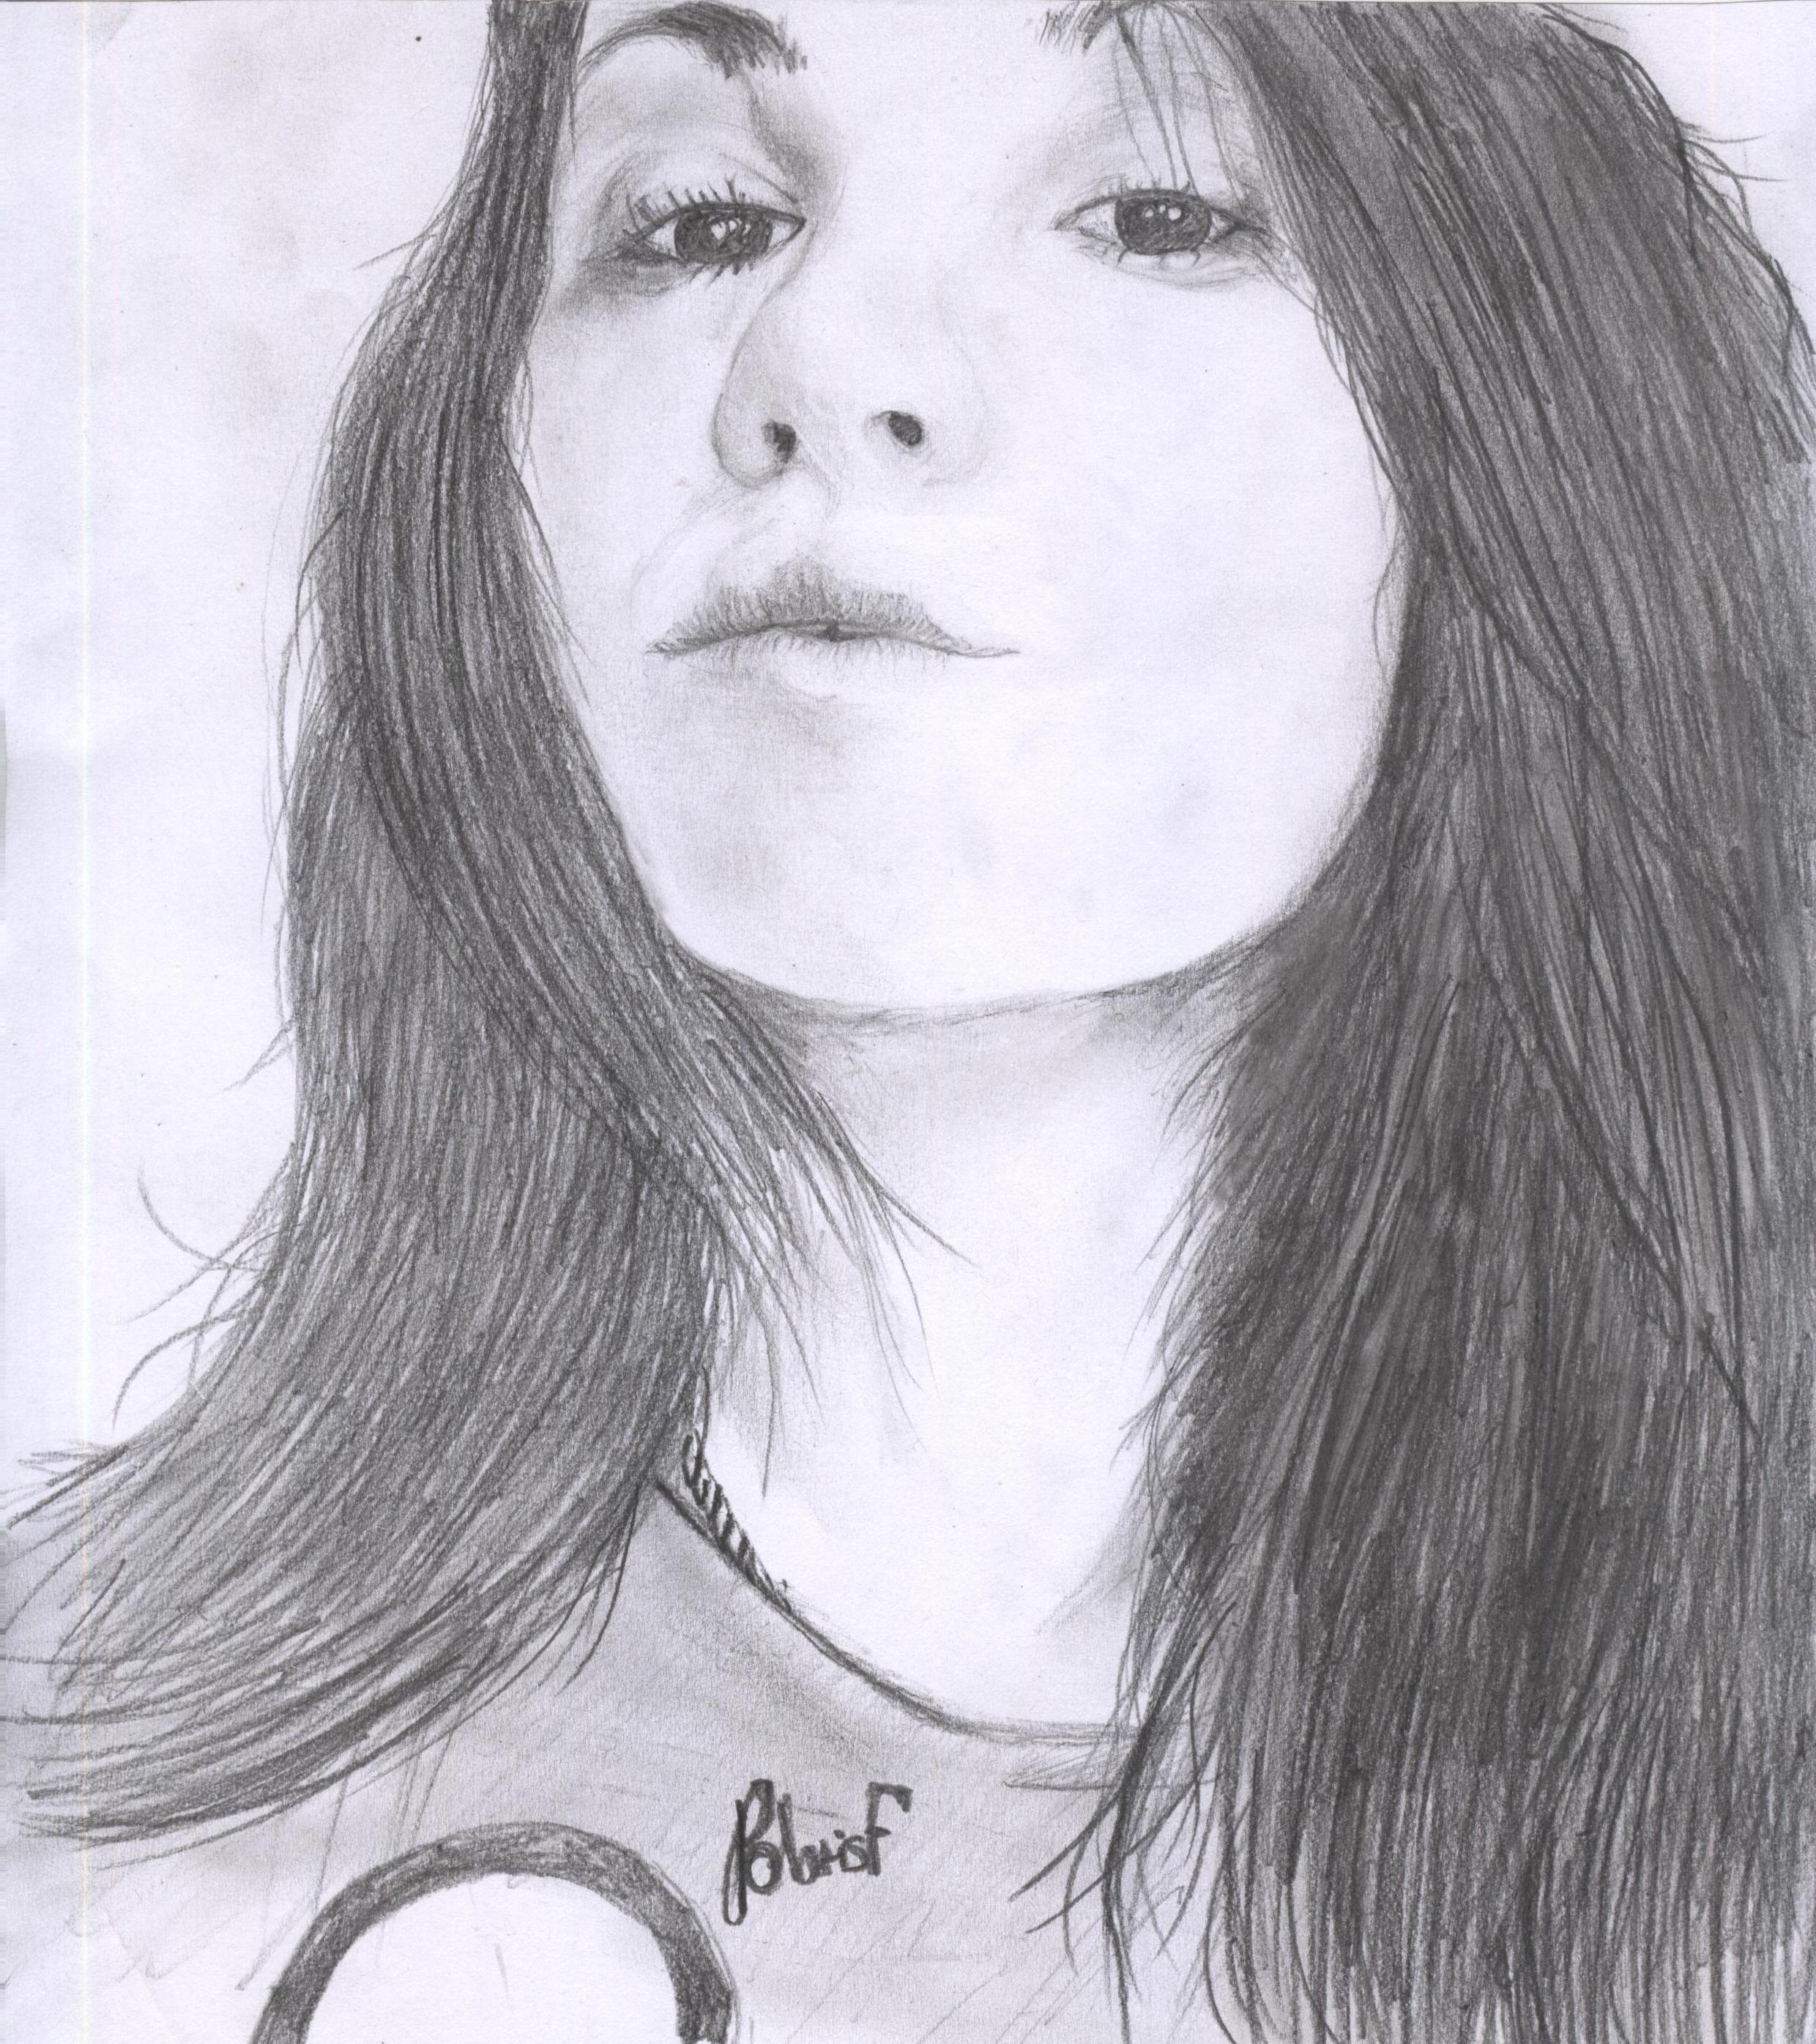 Random Girl #3